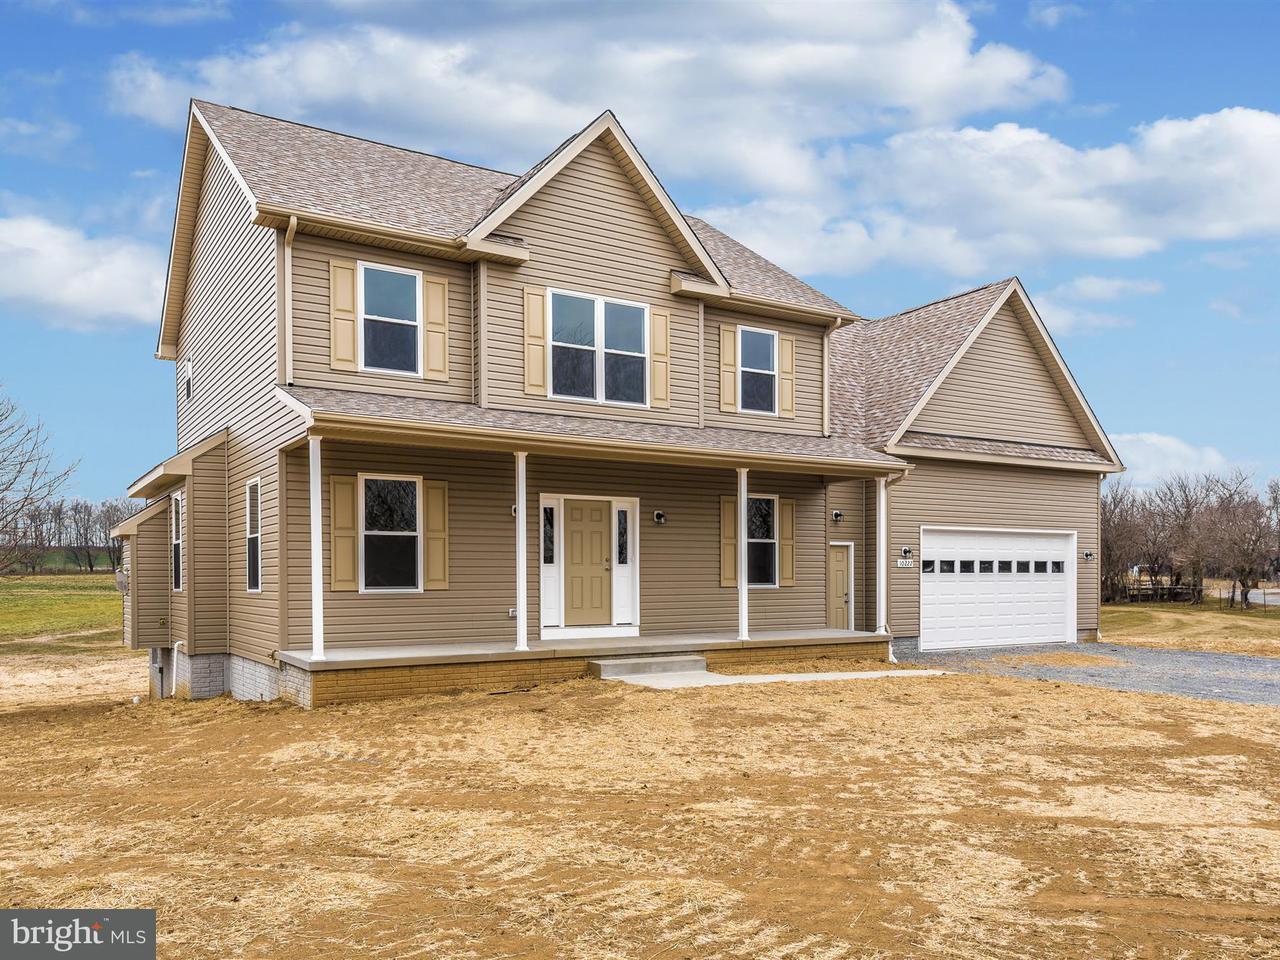 단독 가정 주택 용 매매 에 10222 Glade Road 10222 Glade Road Walkersville, 메릴랜드 21793 미국